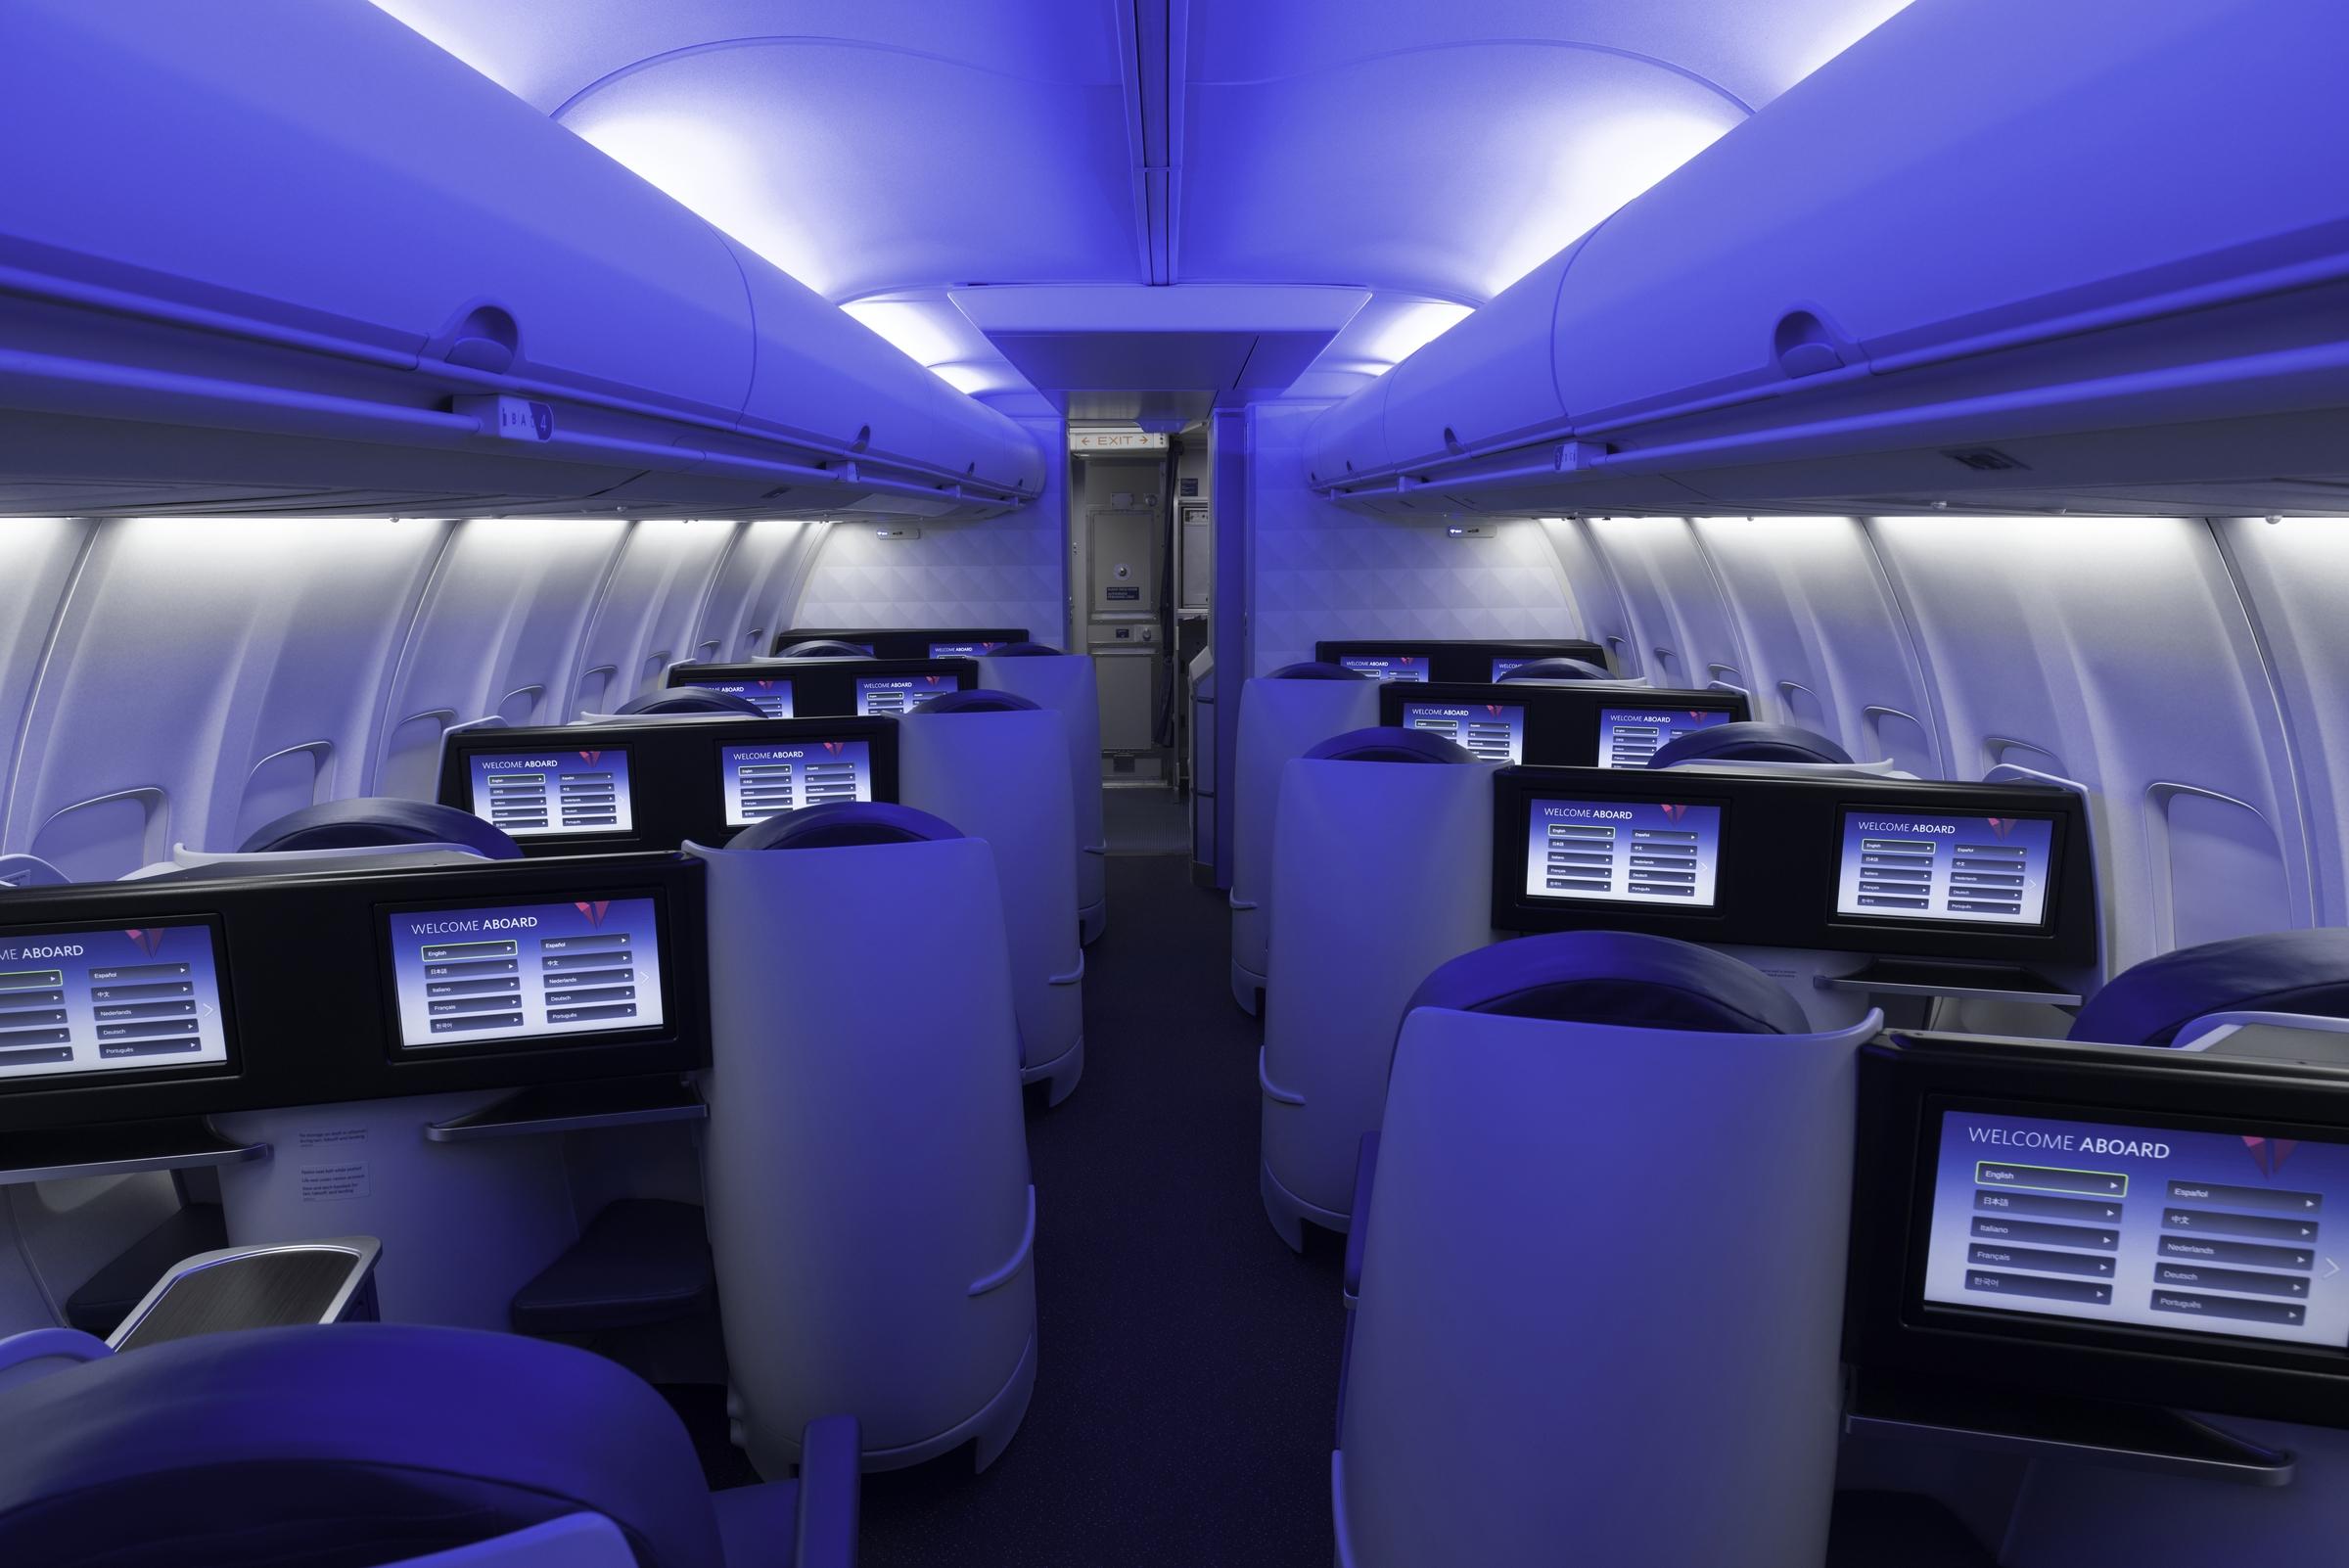 Delta One 757-200ER Cabin